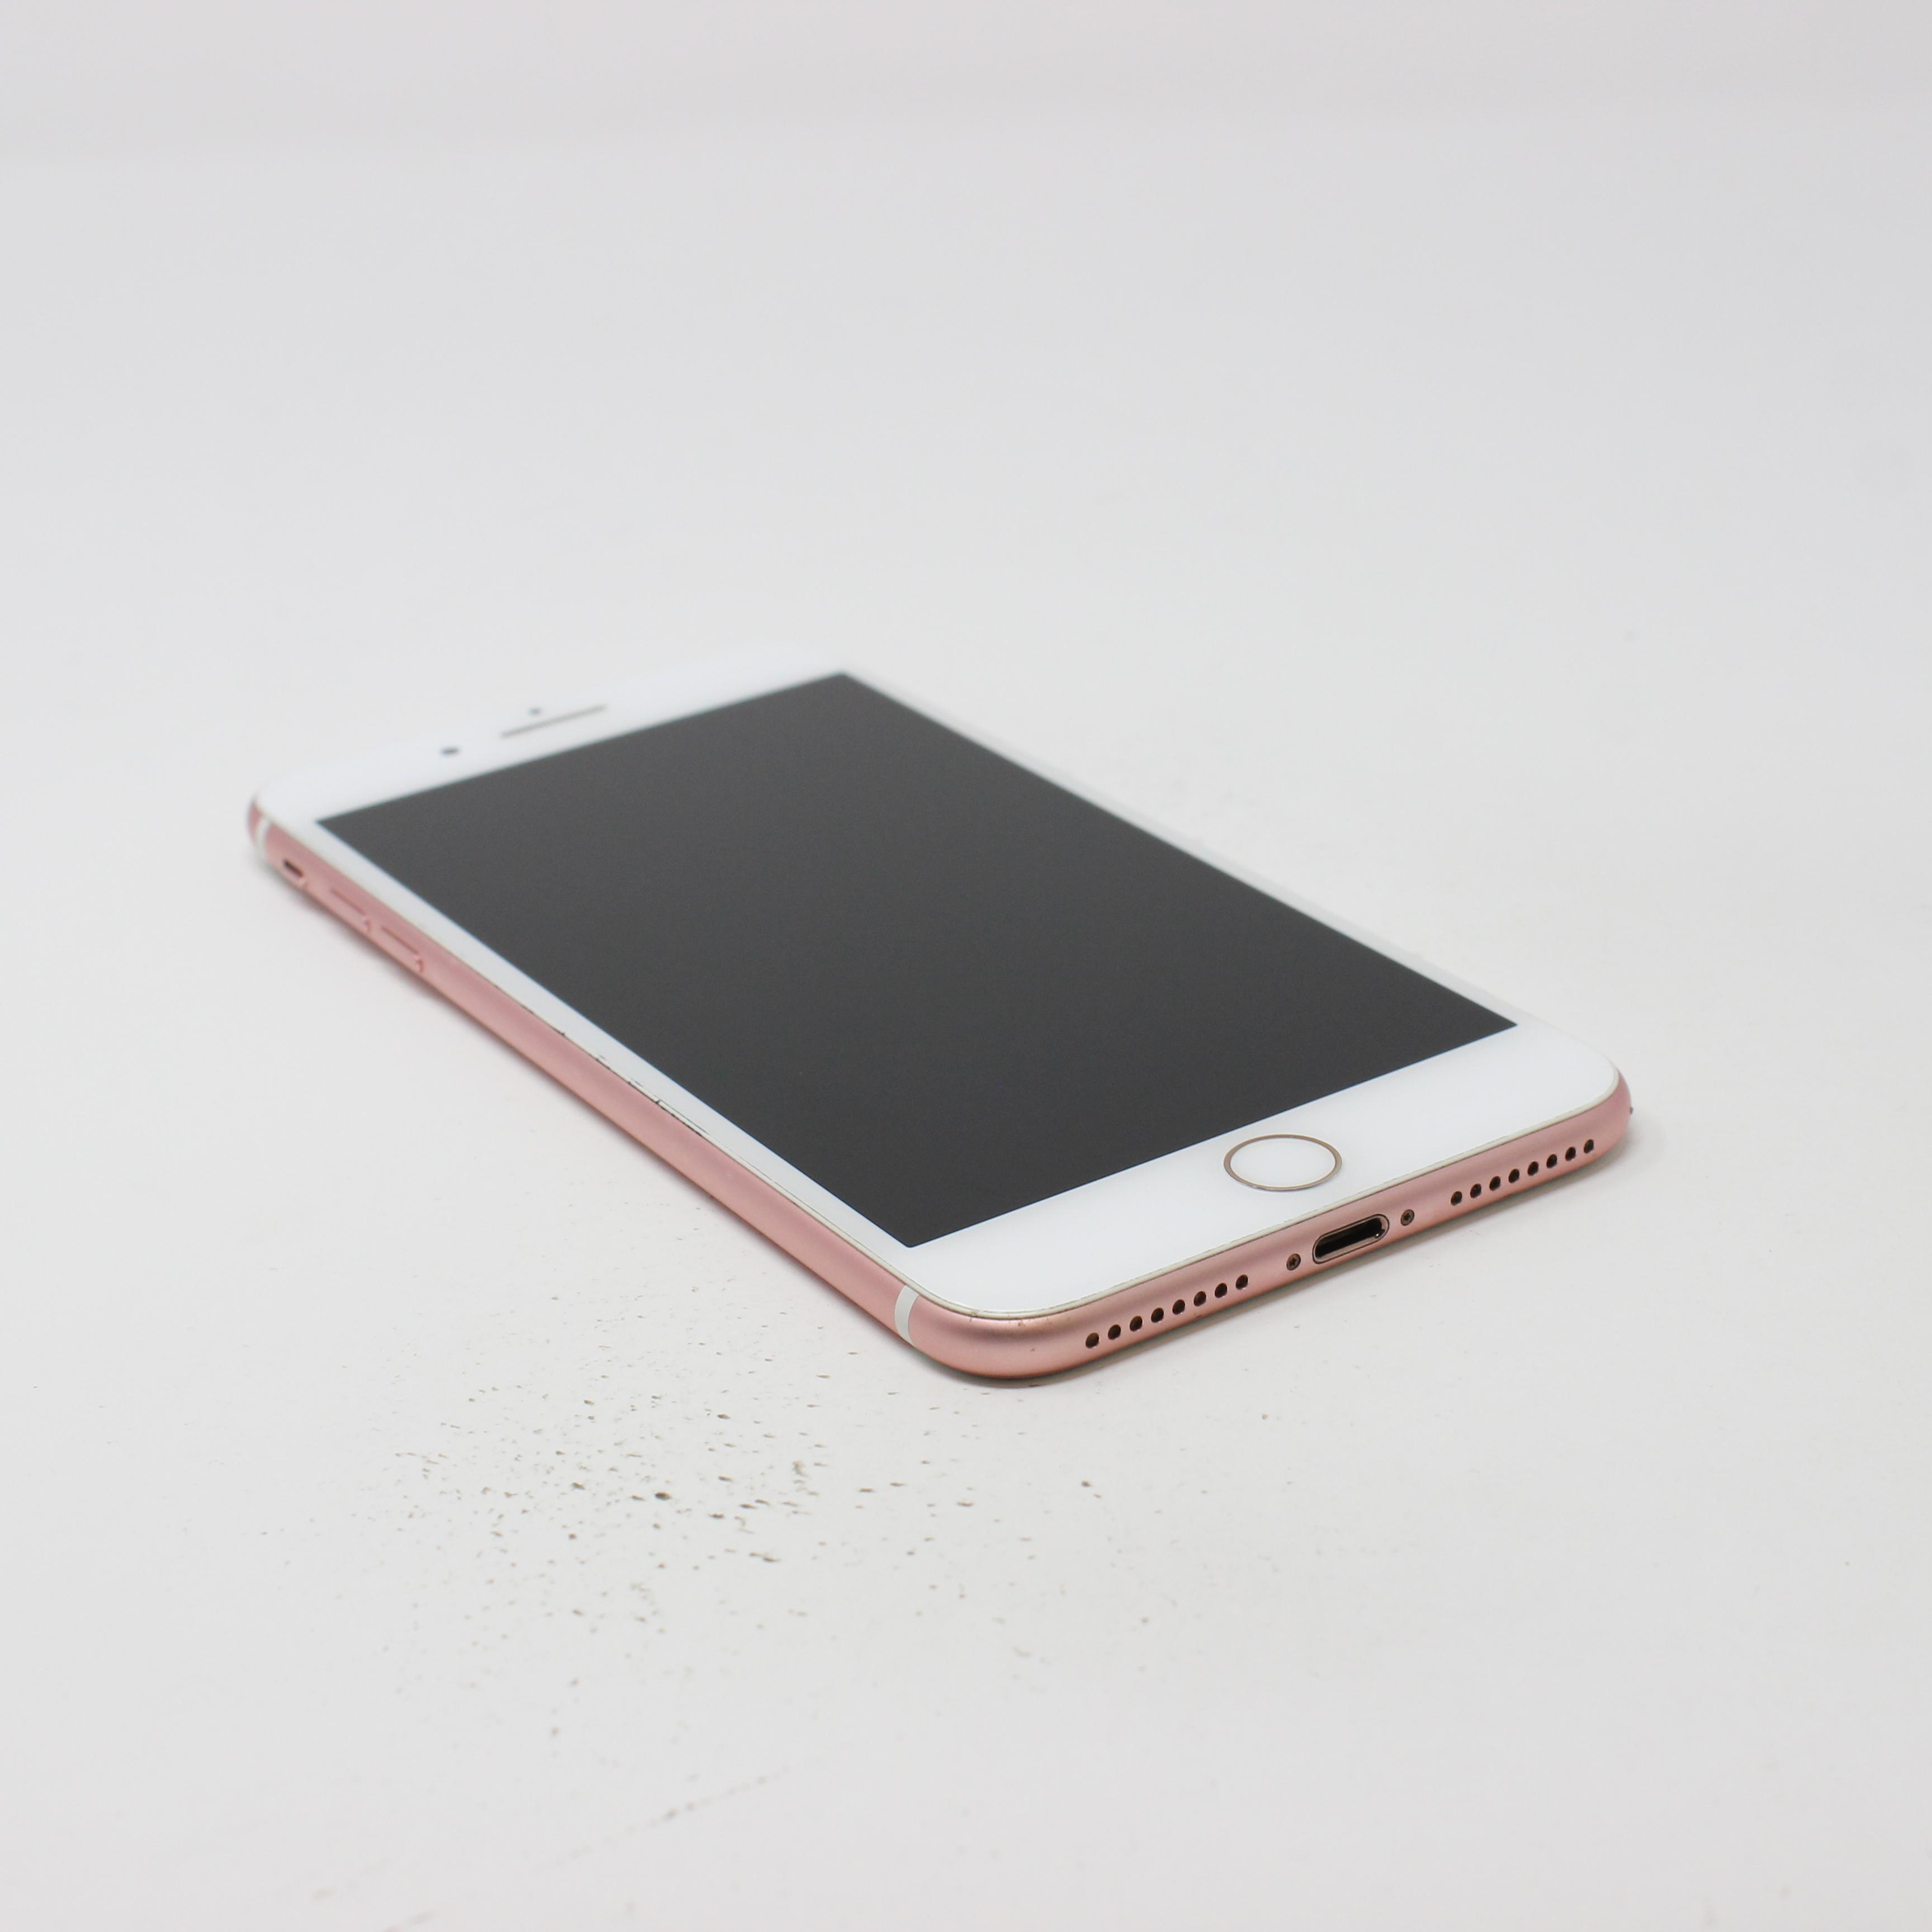 iPhone 7 Plus 32GB Rose Gold - T-Mobile photo 5 | UpTradeit.com